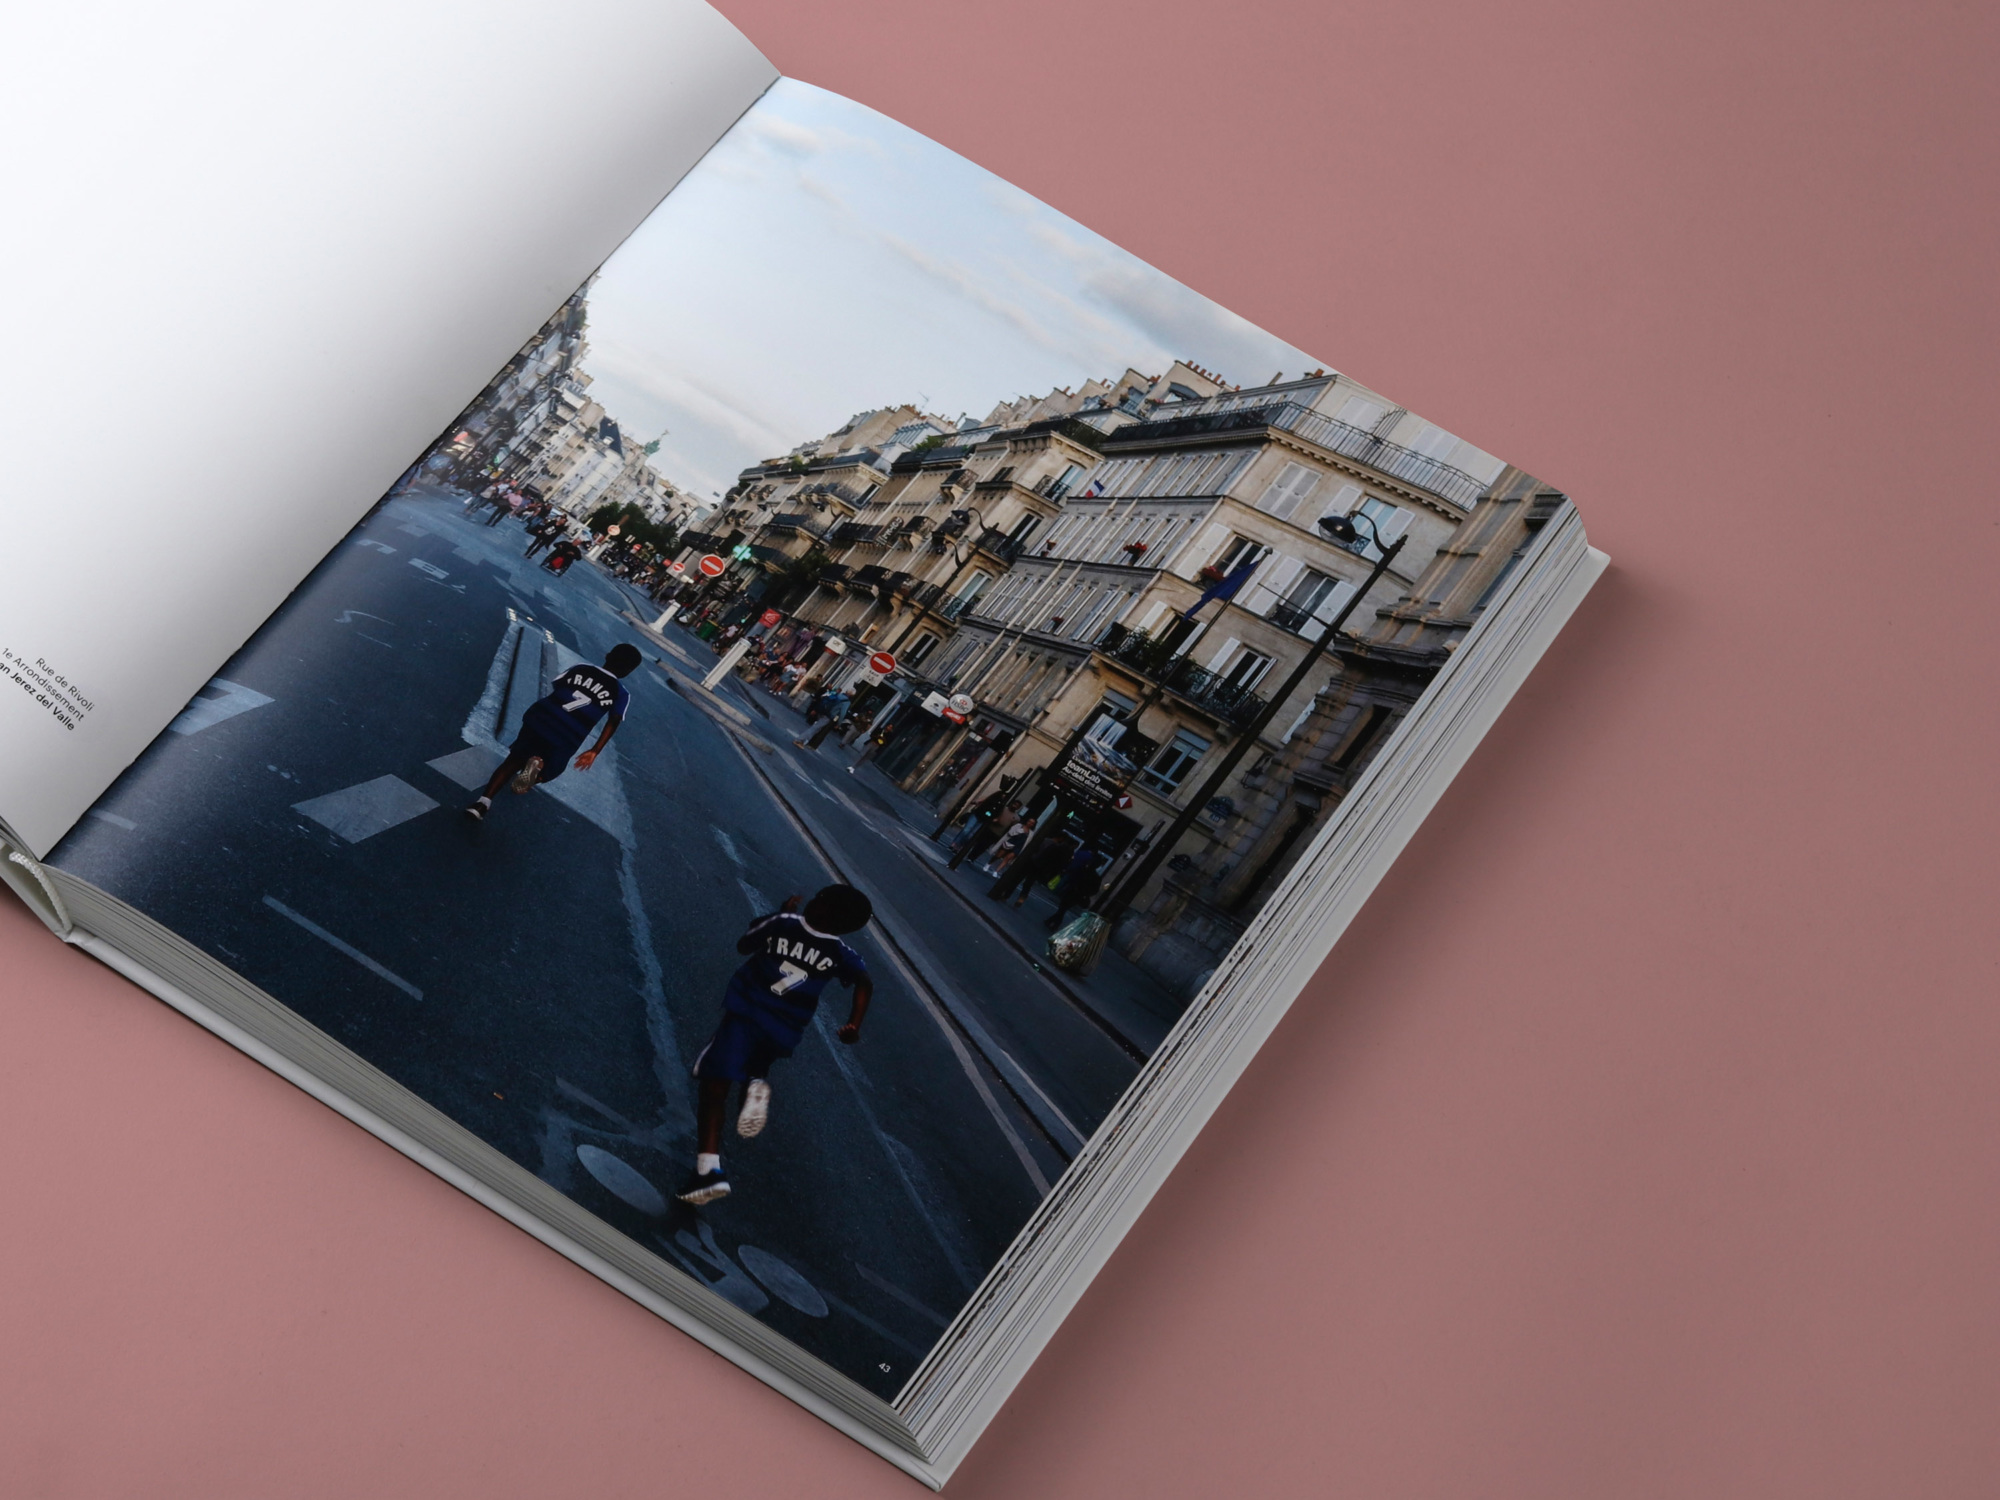 mendo-book-streets-of-paris-studio-4-2000x1500-c-default.jpg